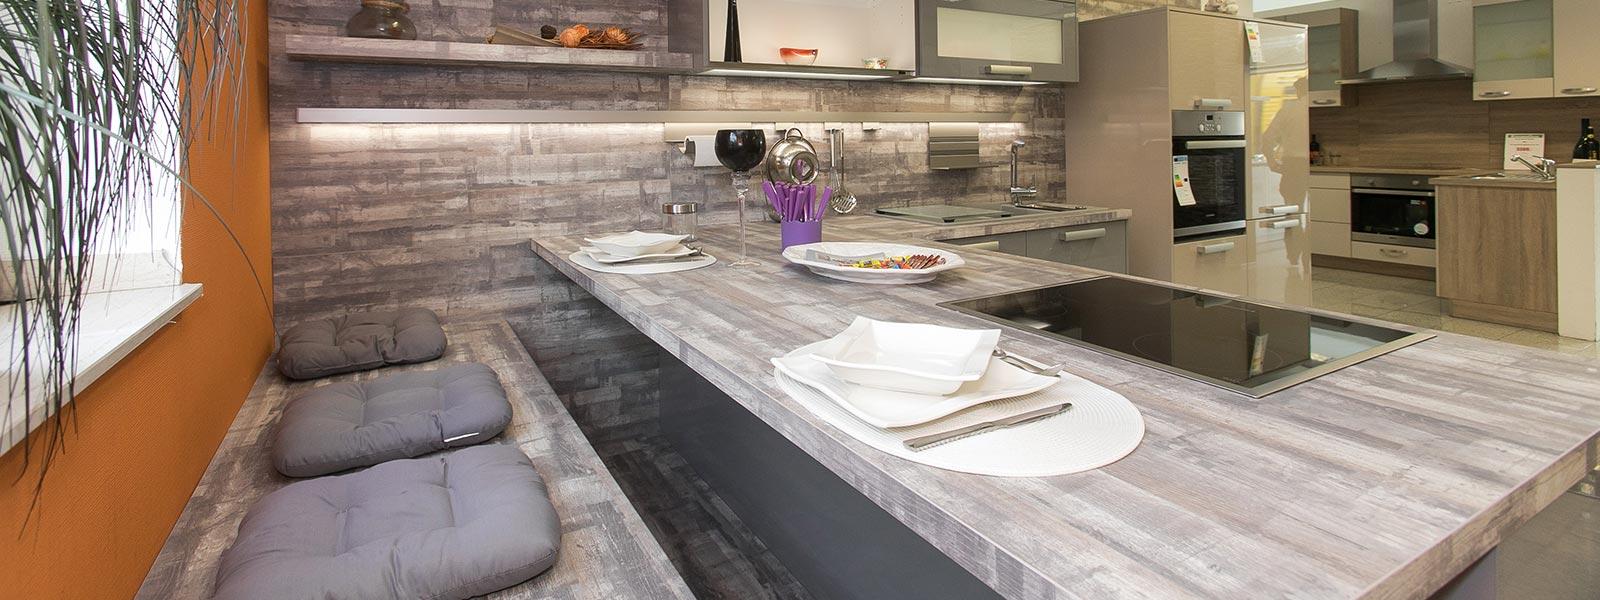 KüchenOase Hallen aus Duisburg